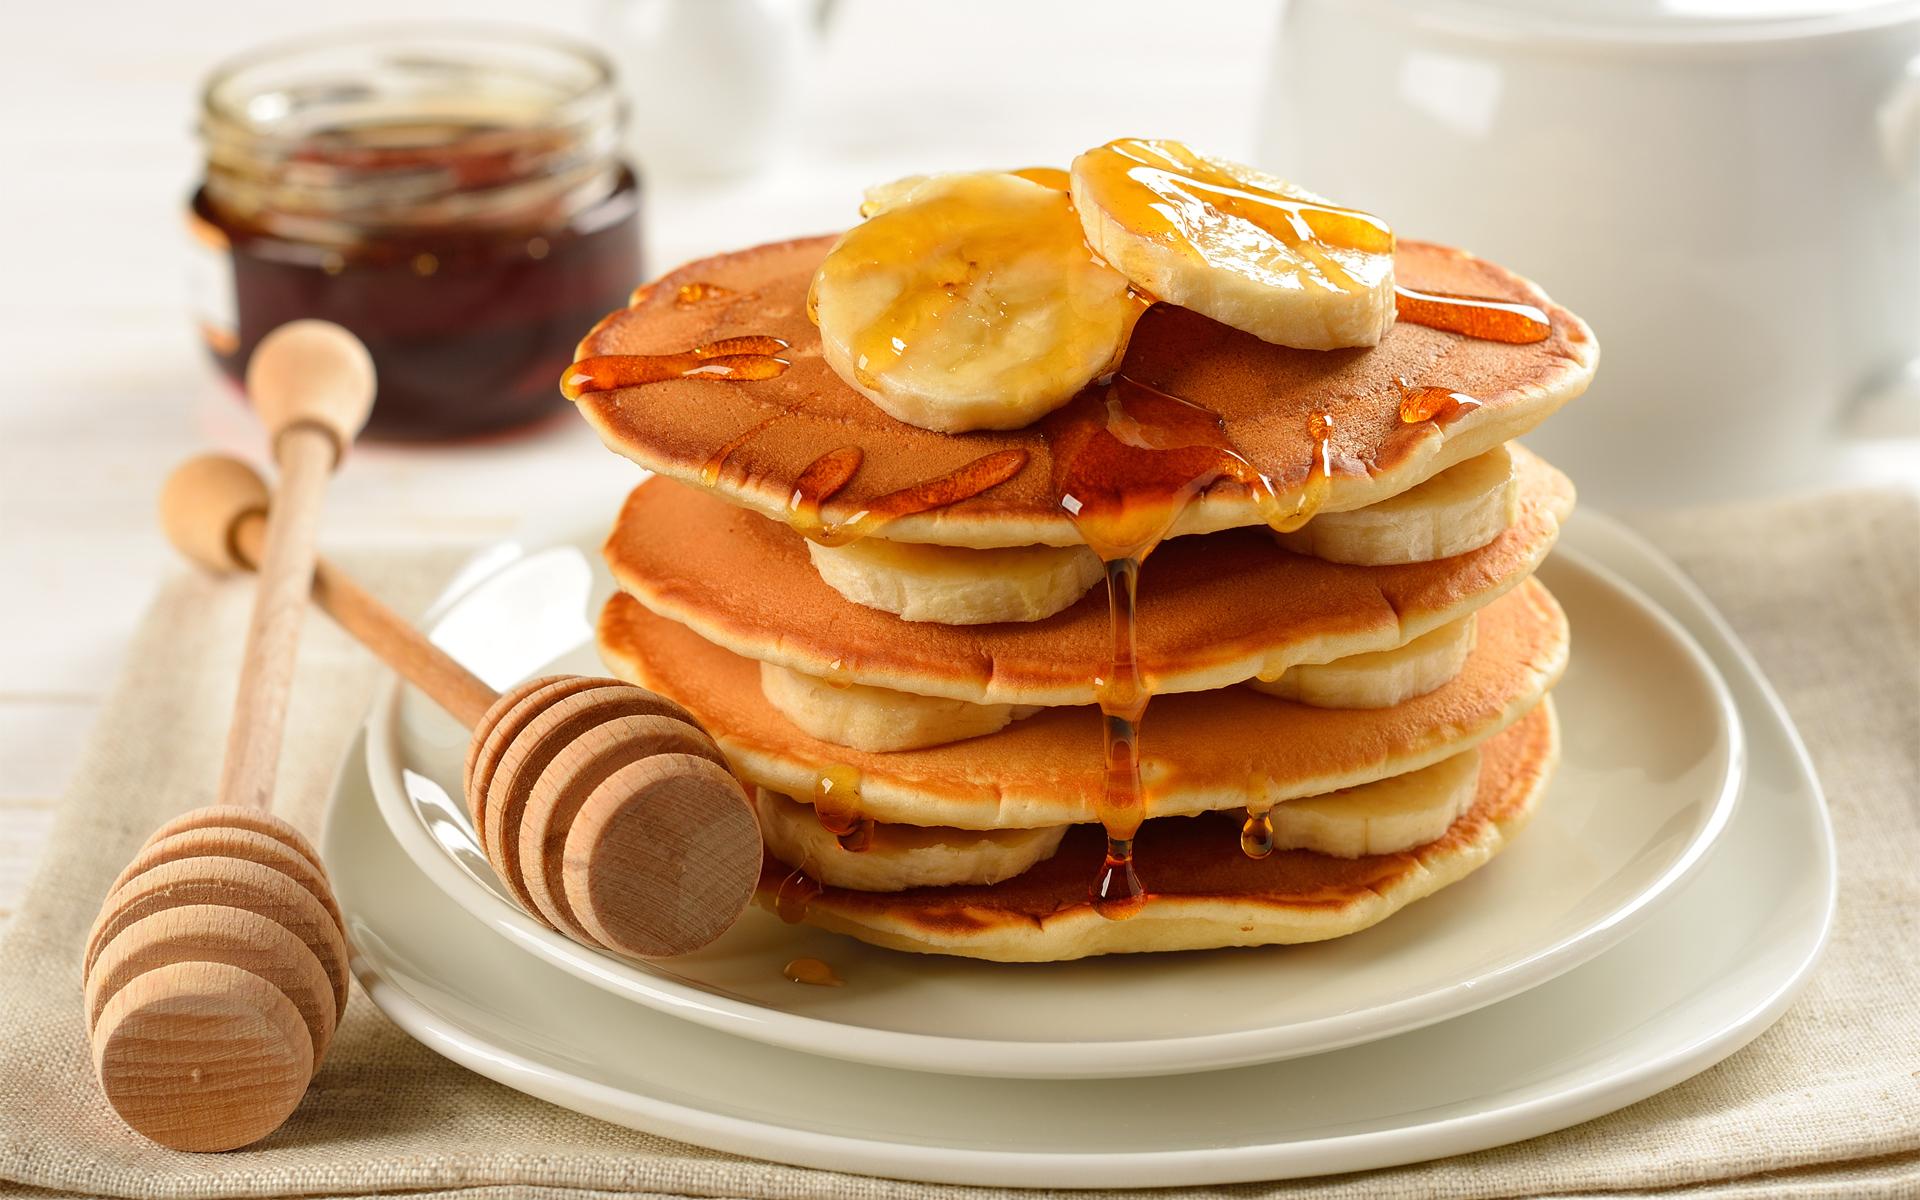 Free Pancakes Wallpaper 40417 2880x1800 px